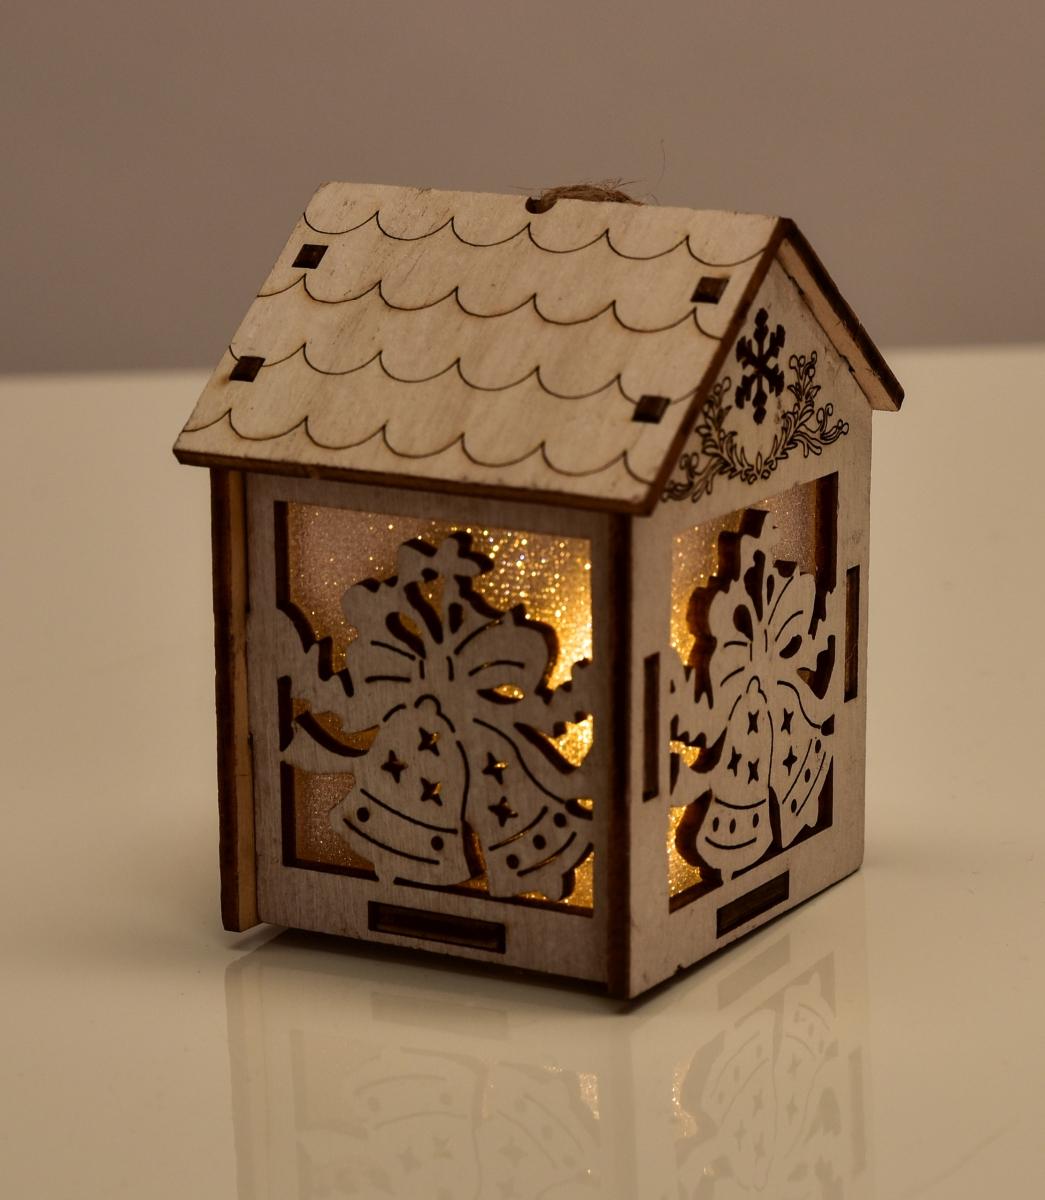 Dřevěný domek, s motivy zvonků